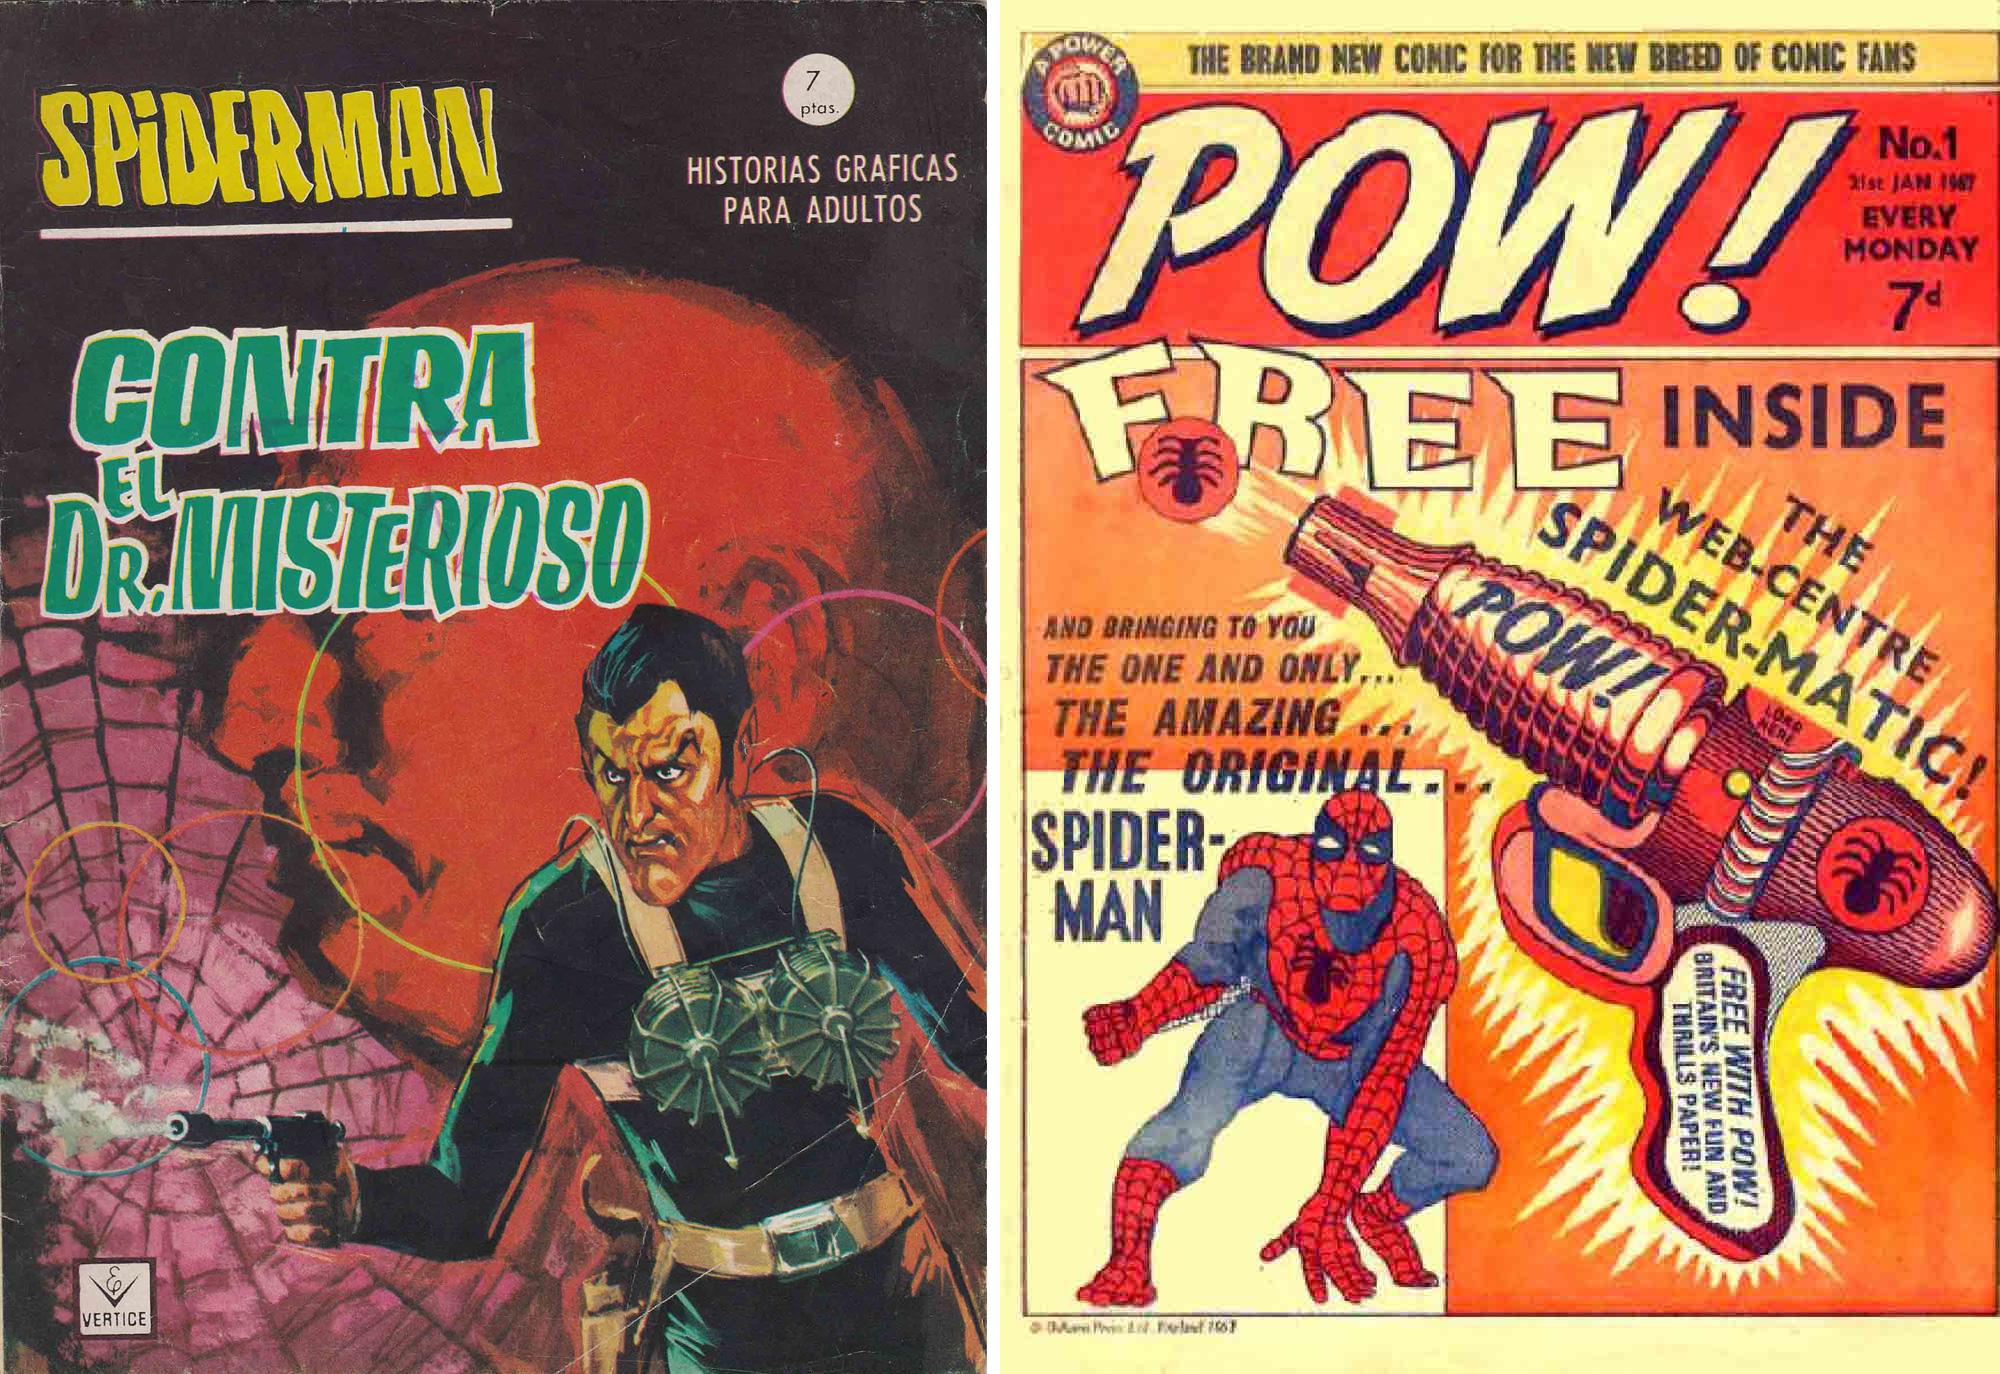 Spiderman-Pow